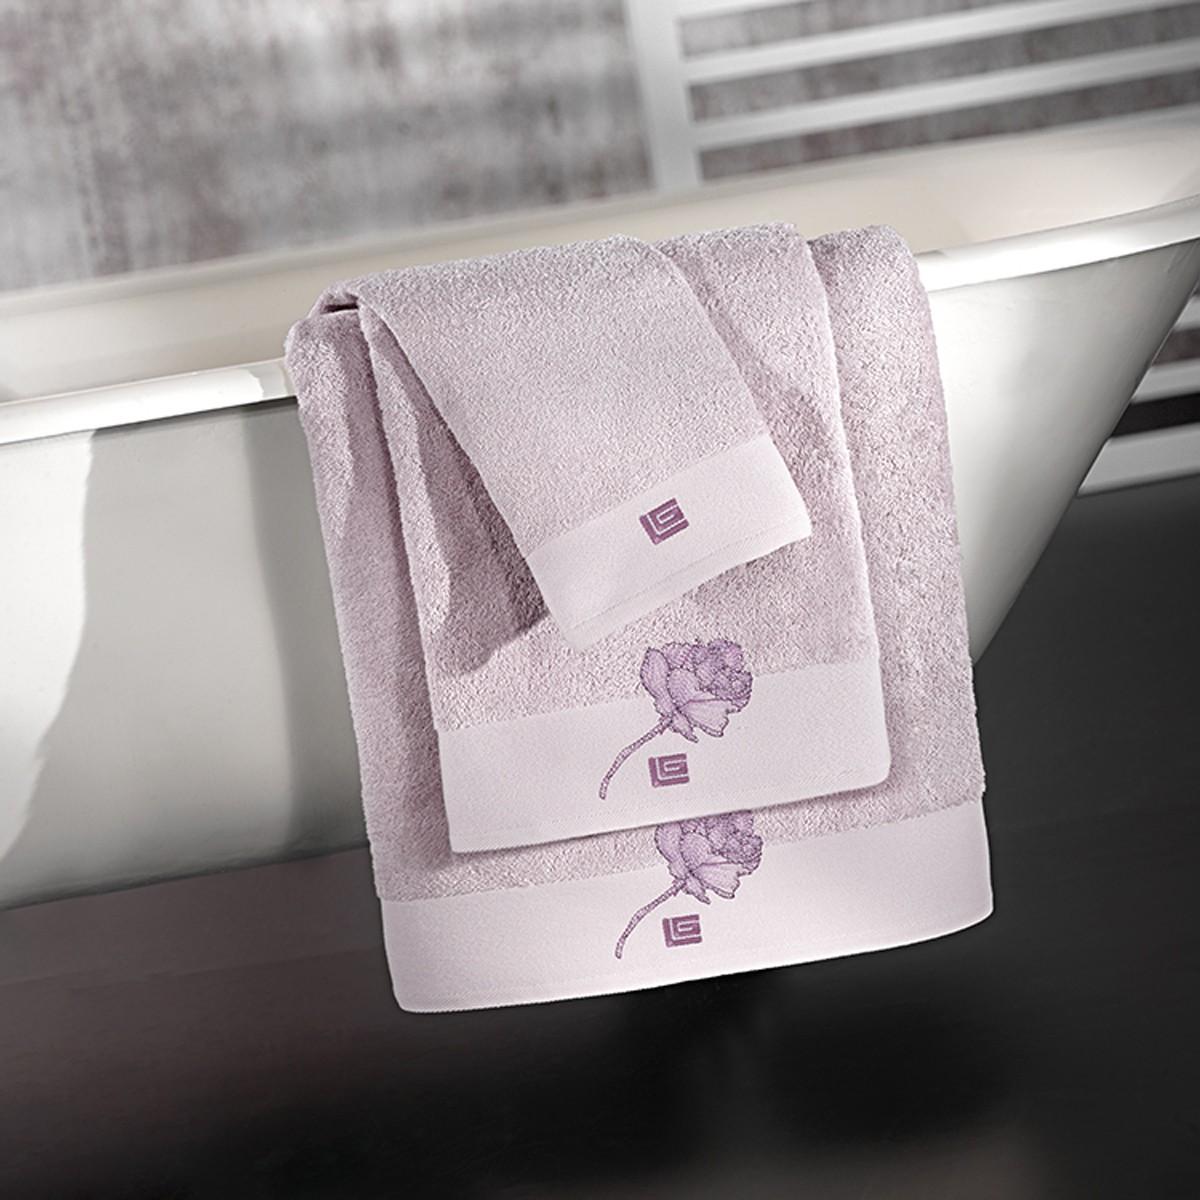 Πετσέτες Μπάνιου (Σετ 3τμχ) Guy Laroche Celia Lilac home   μπάνιο   πετσέτες μπάνιου